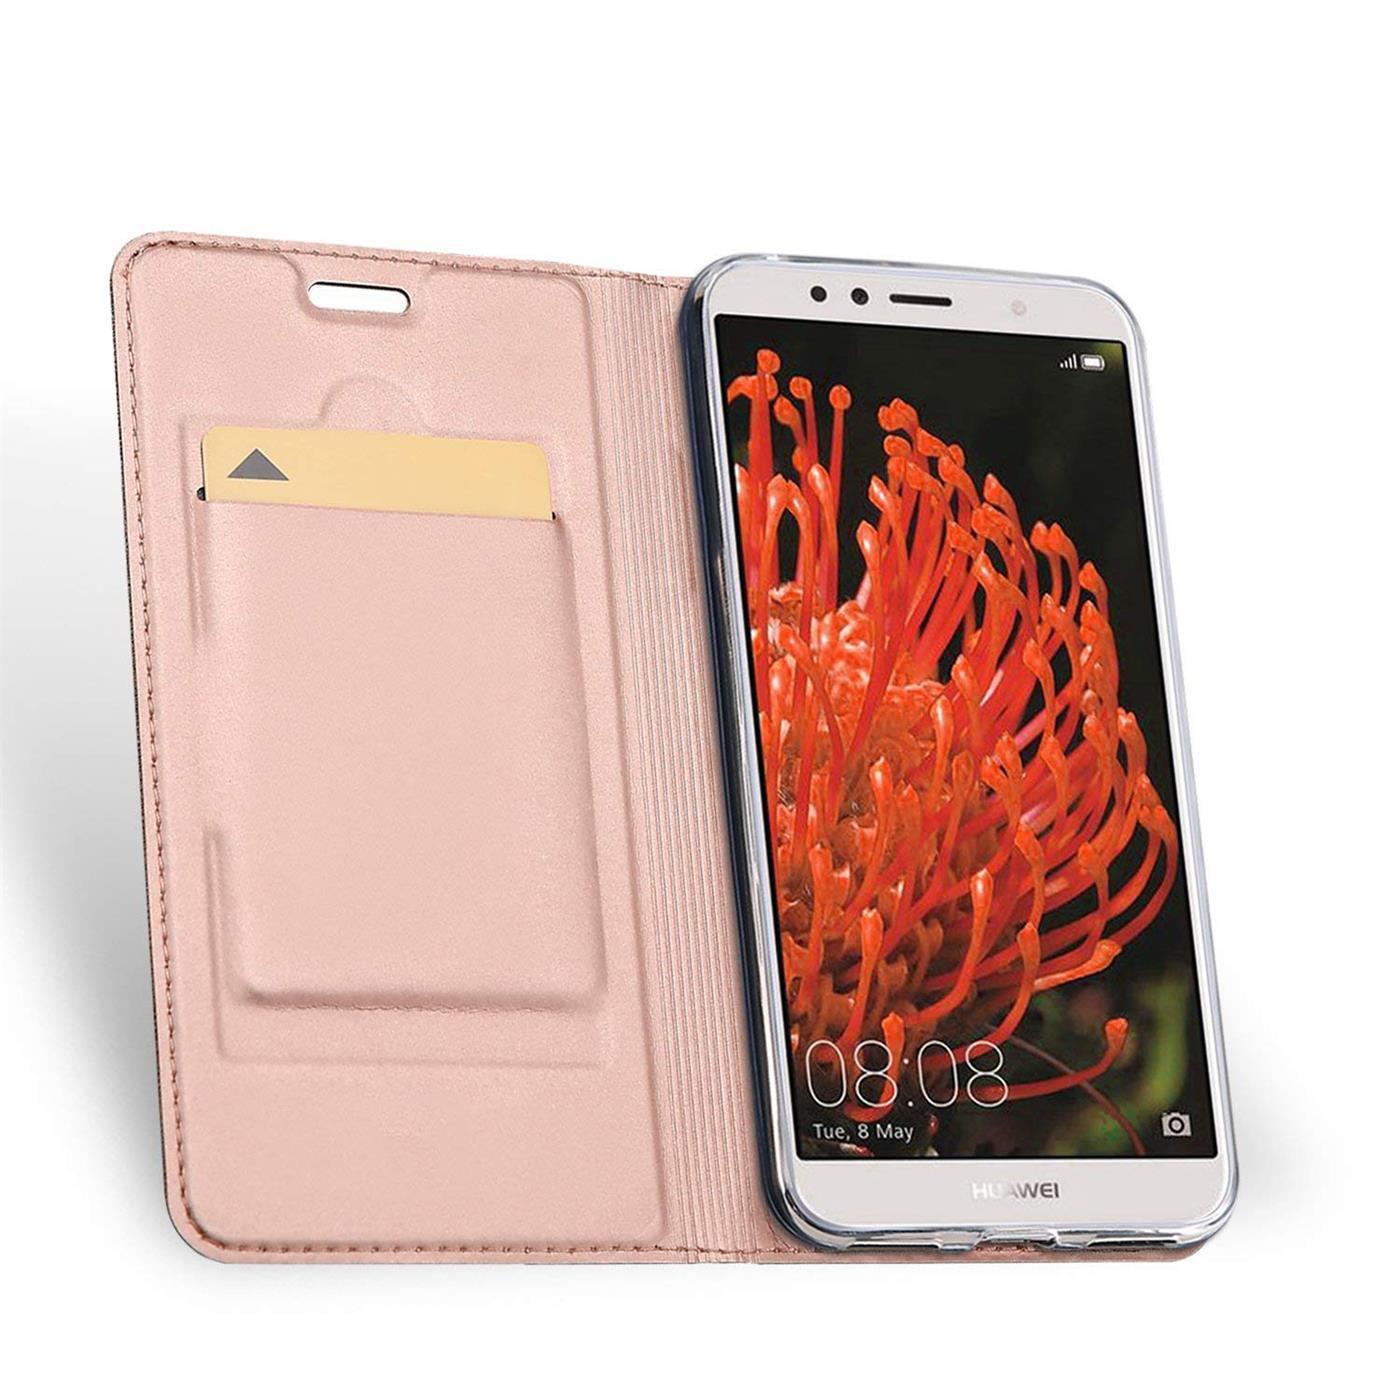 Handy-Huelle-Huawei-Y5-2018-Book-Case-Schutzhuelle-Tasche-Slim-Flip-Cover-Etui Indexbild 15